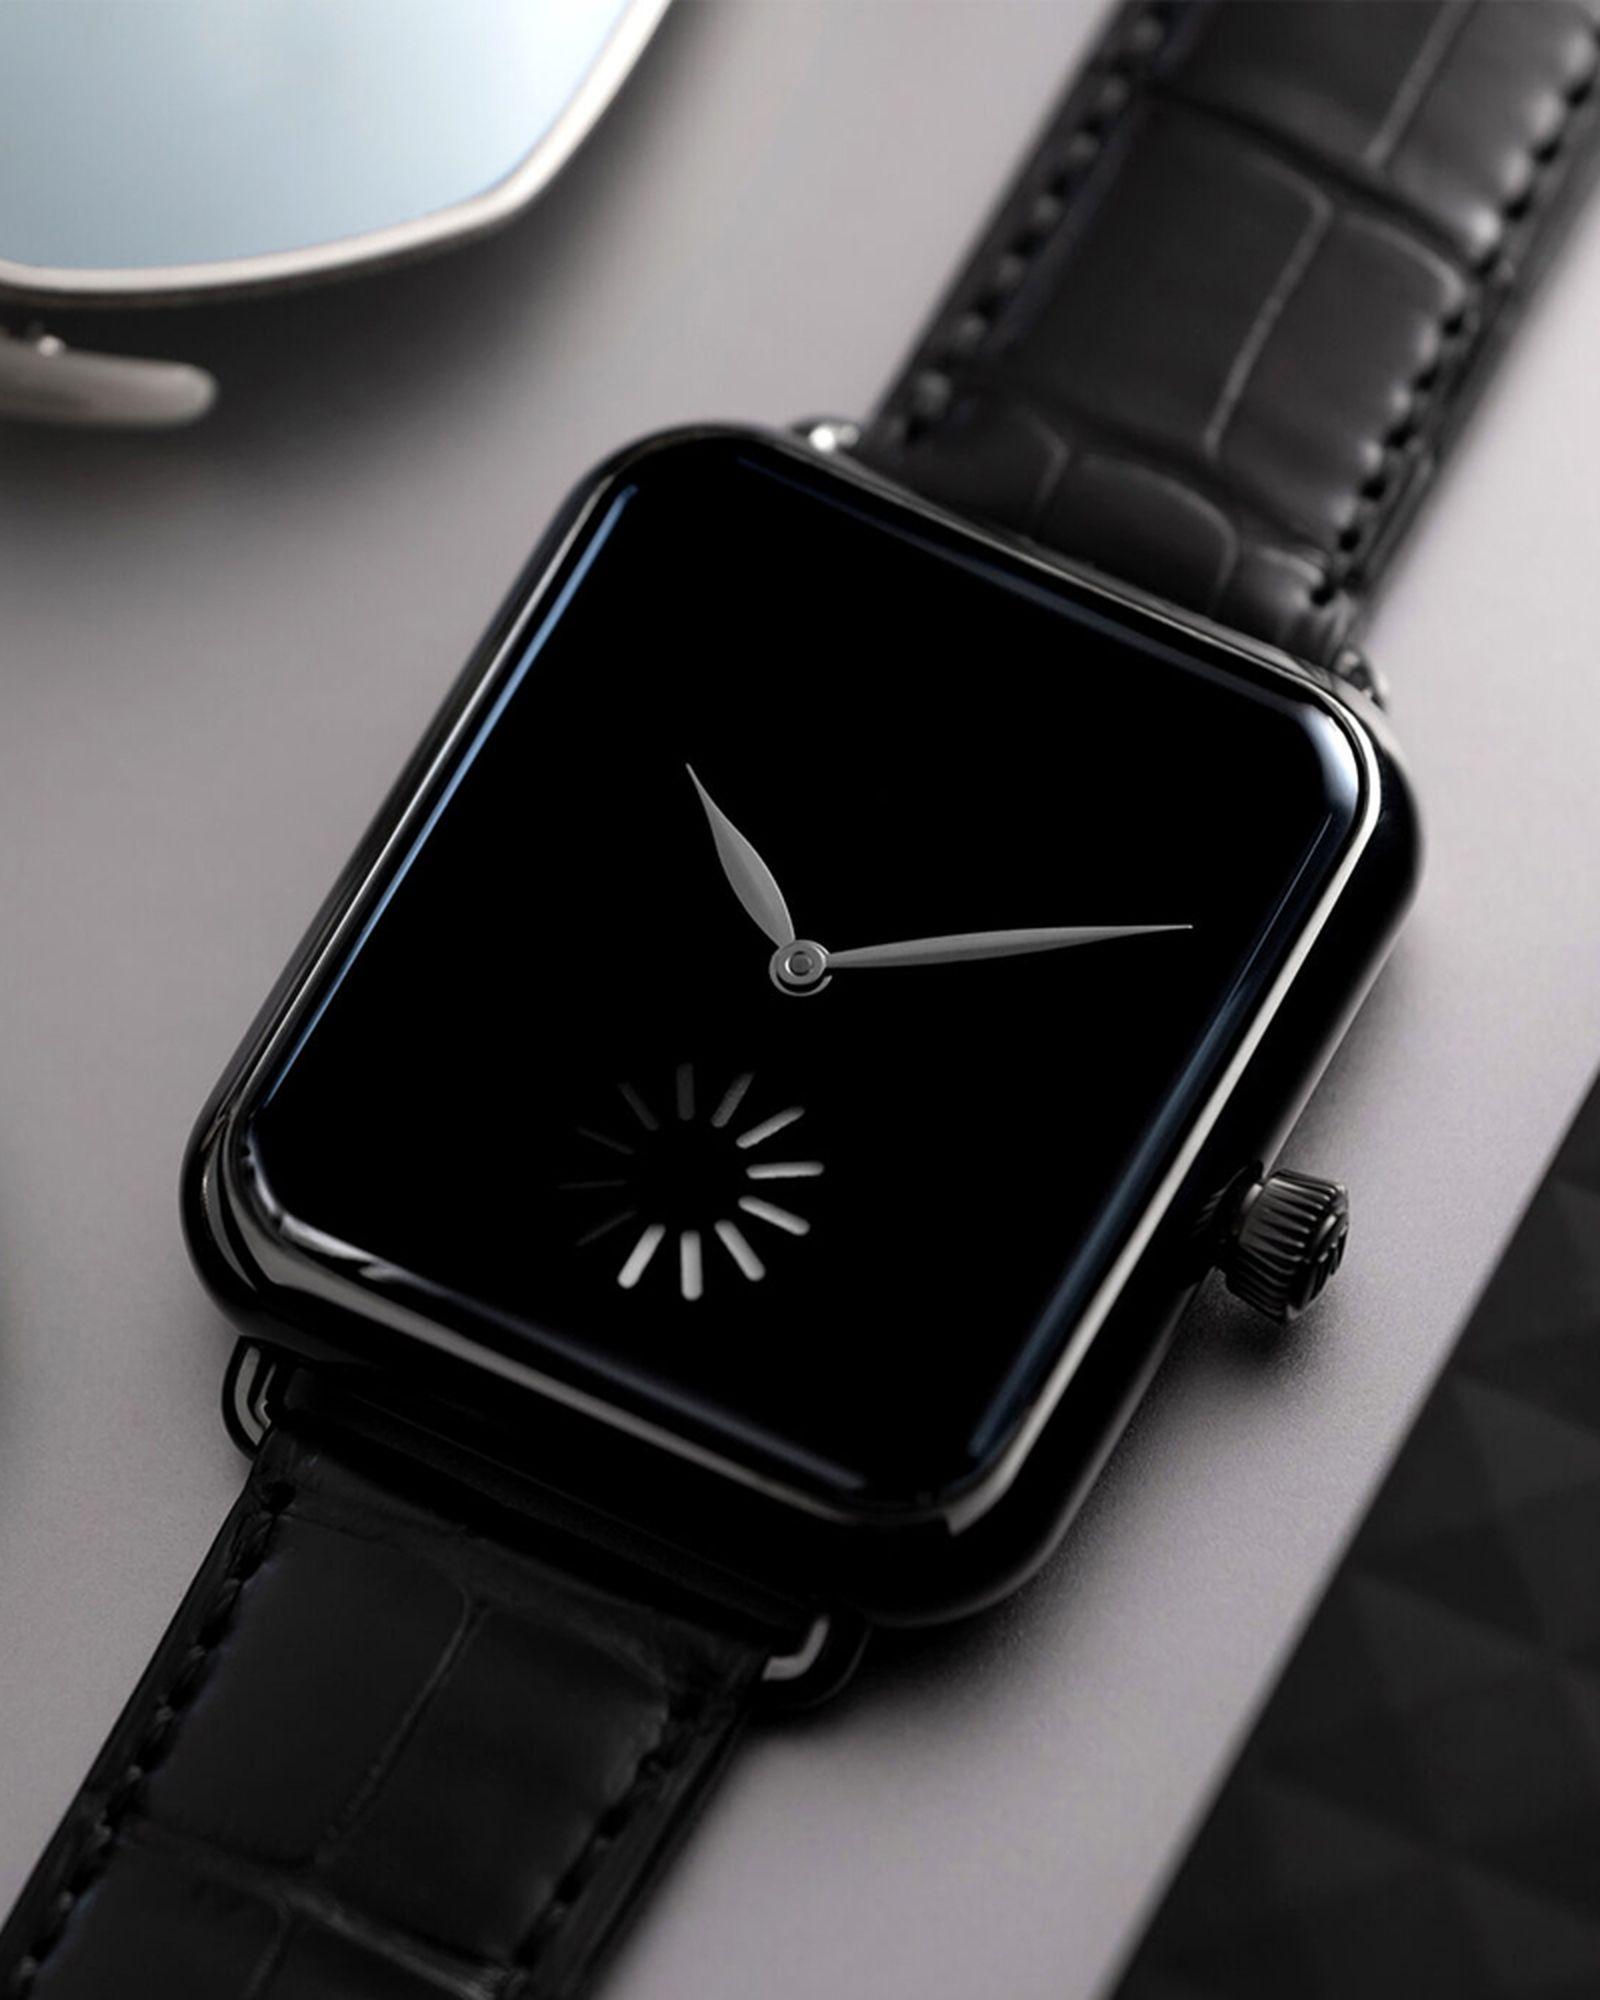 h-moser-cies-final-swiss-alp-watch-series-is-more-than-just-an-apple-troll-attempt-02